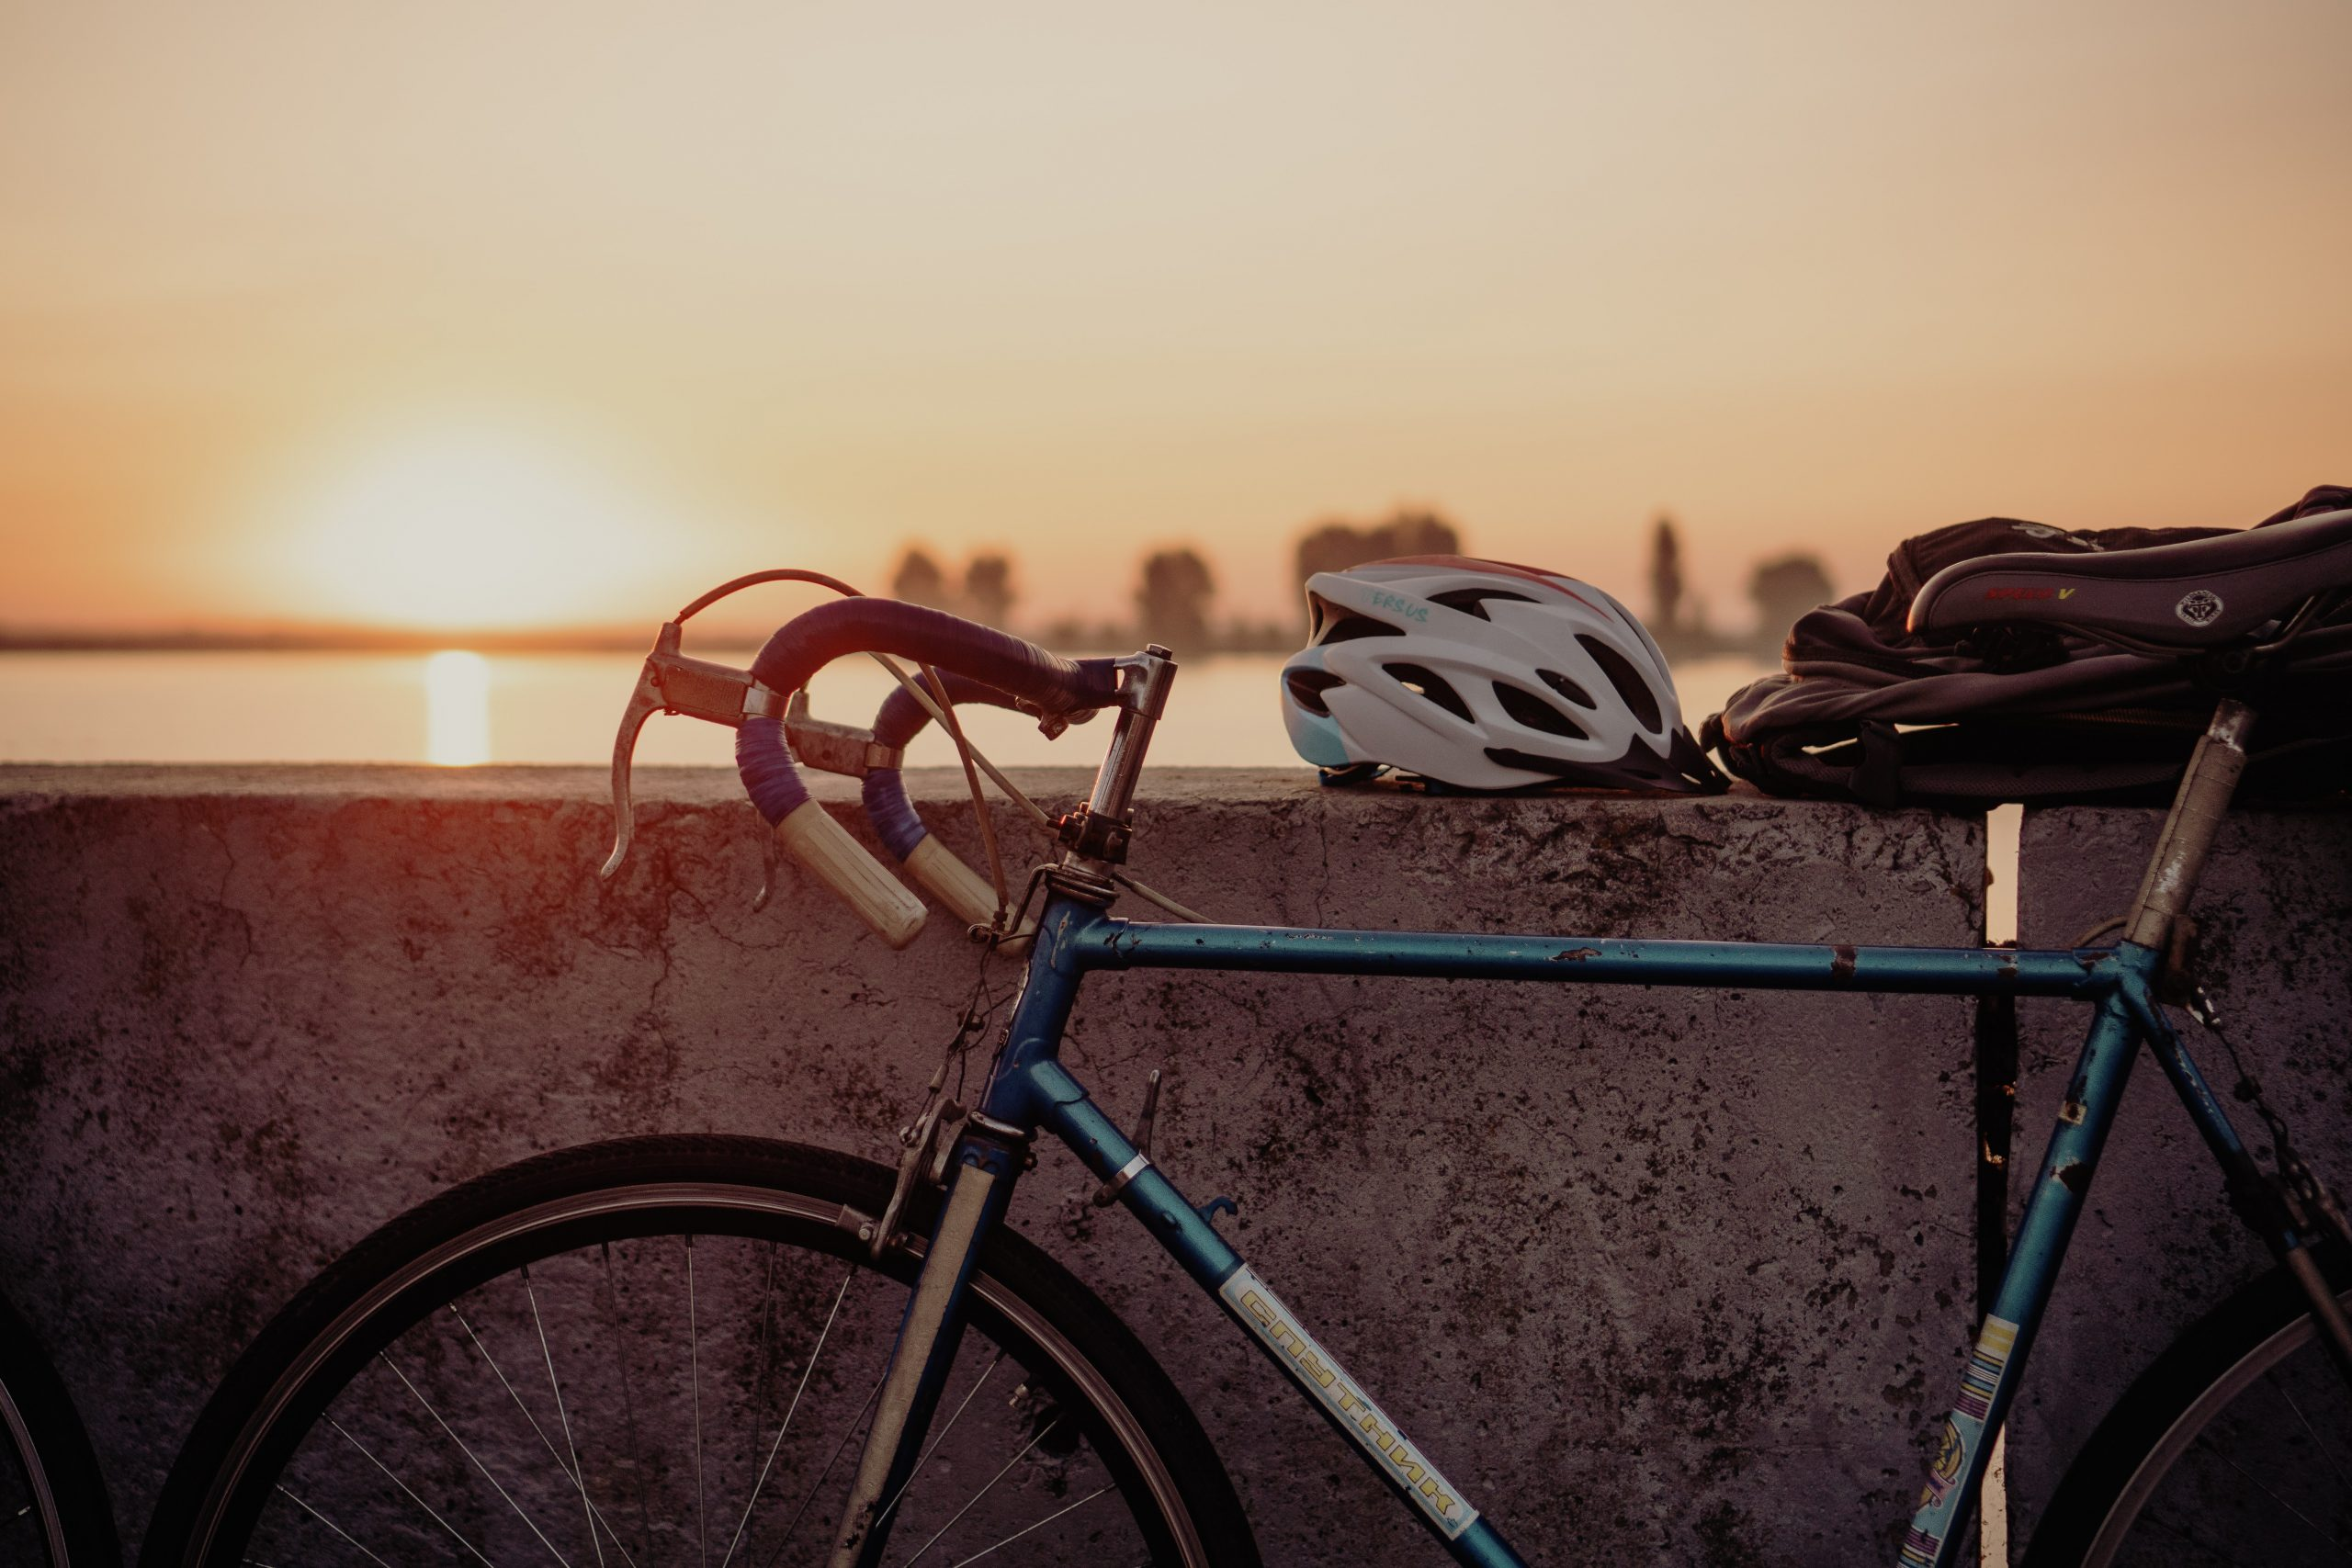 Vistas del atardecer desde tu bicicleta.